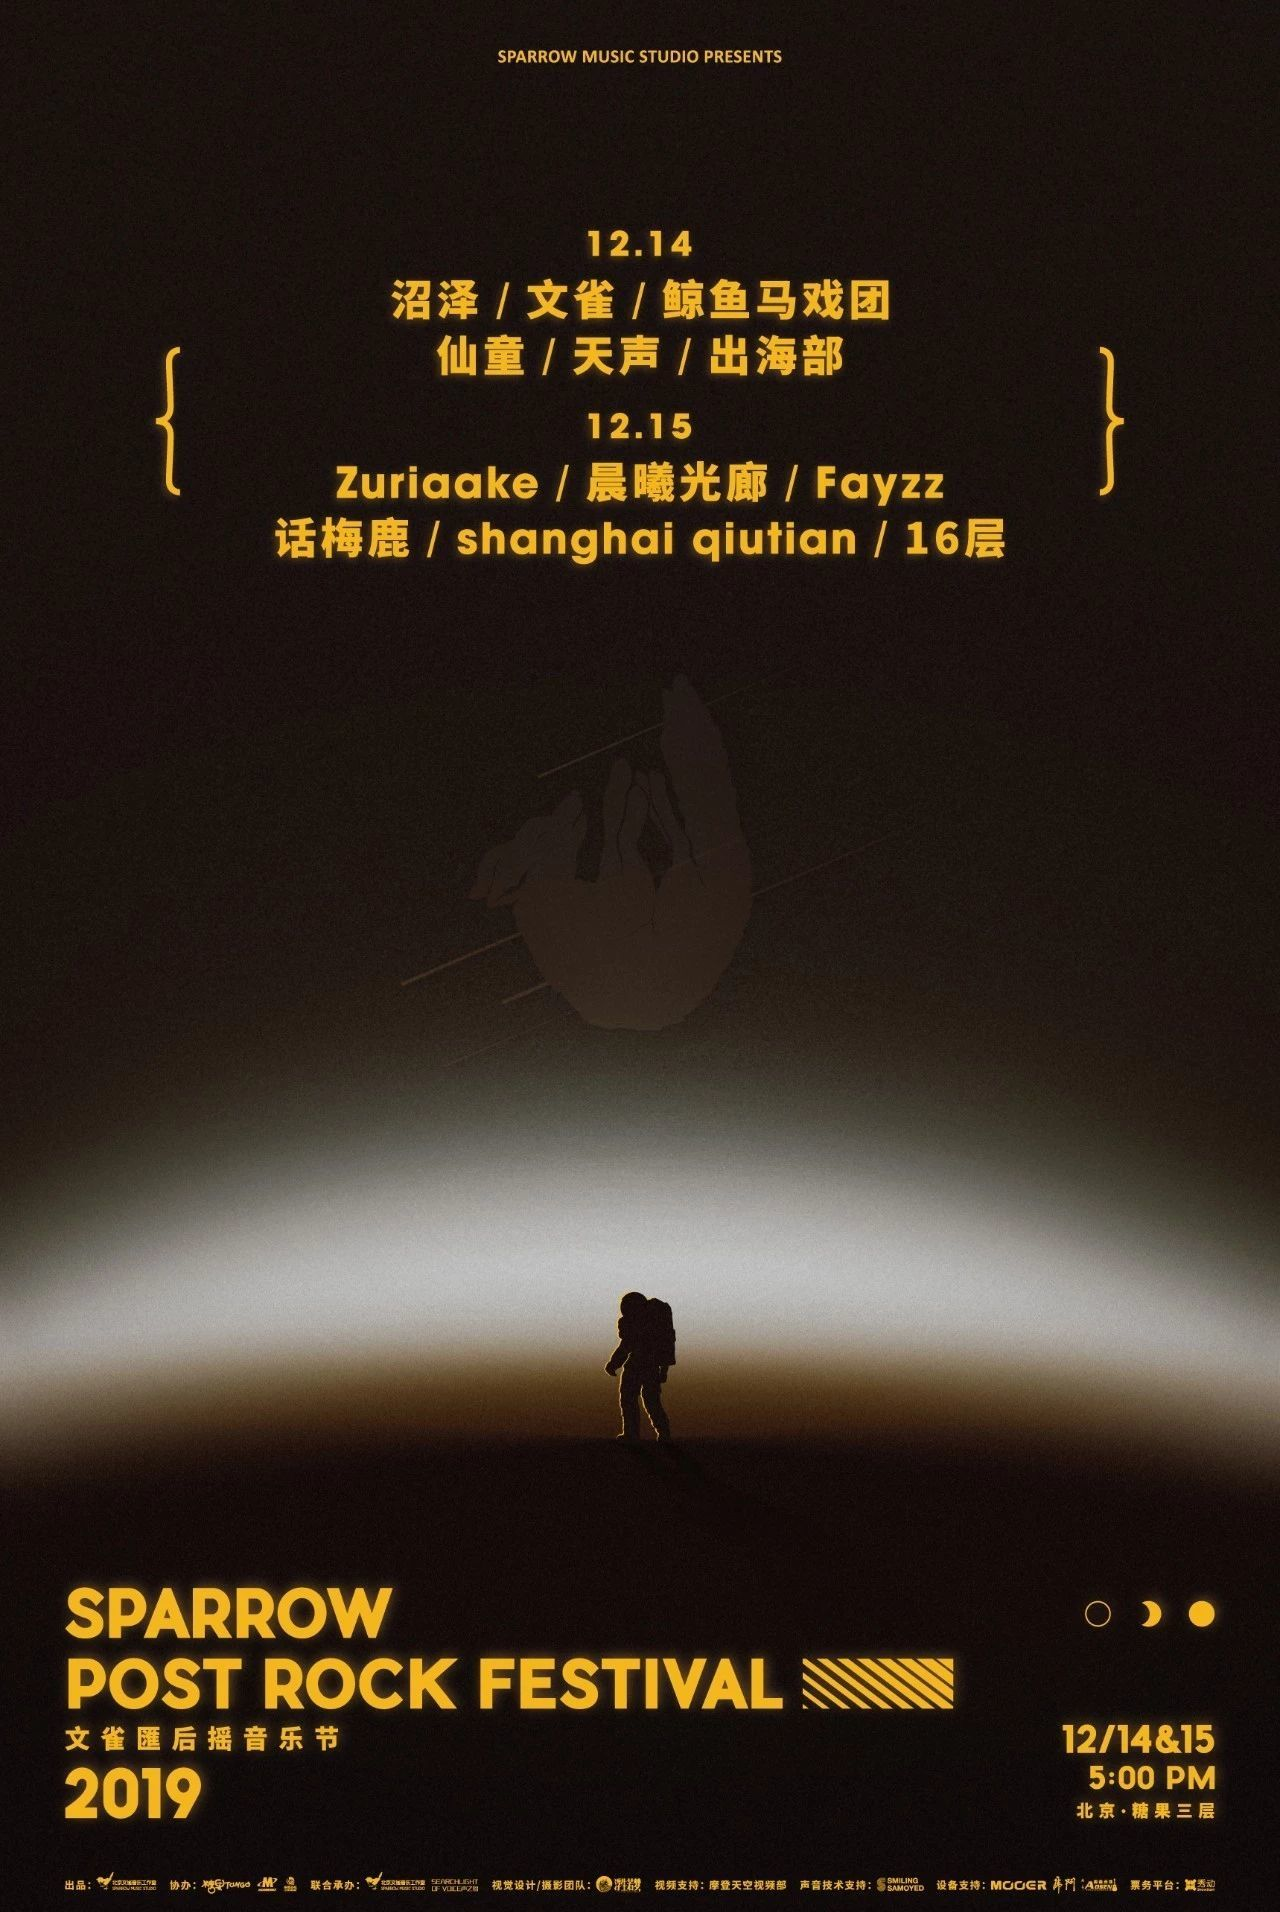 上海去深圳火车票_国内有哪些音乐节值得一去? - 知乎